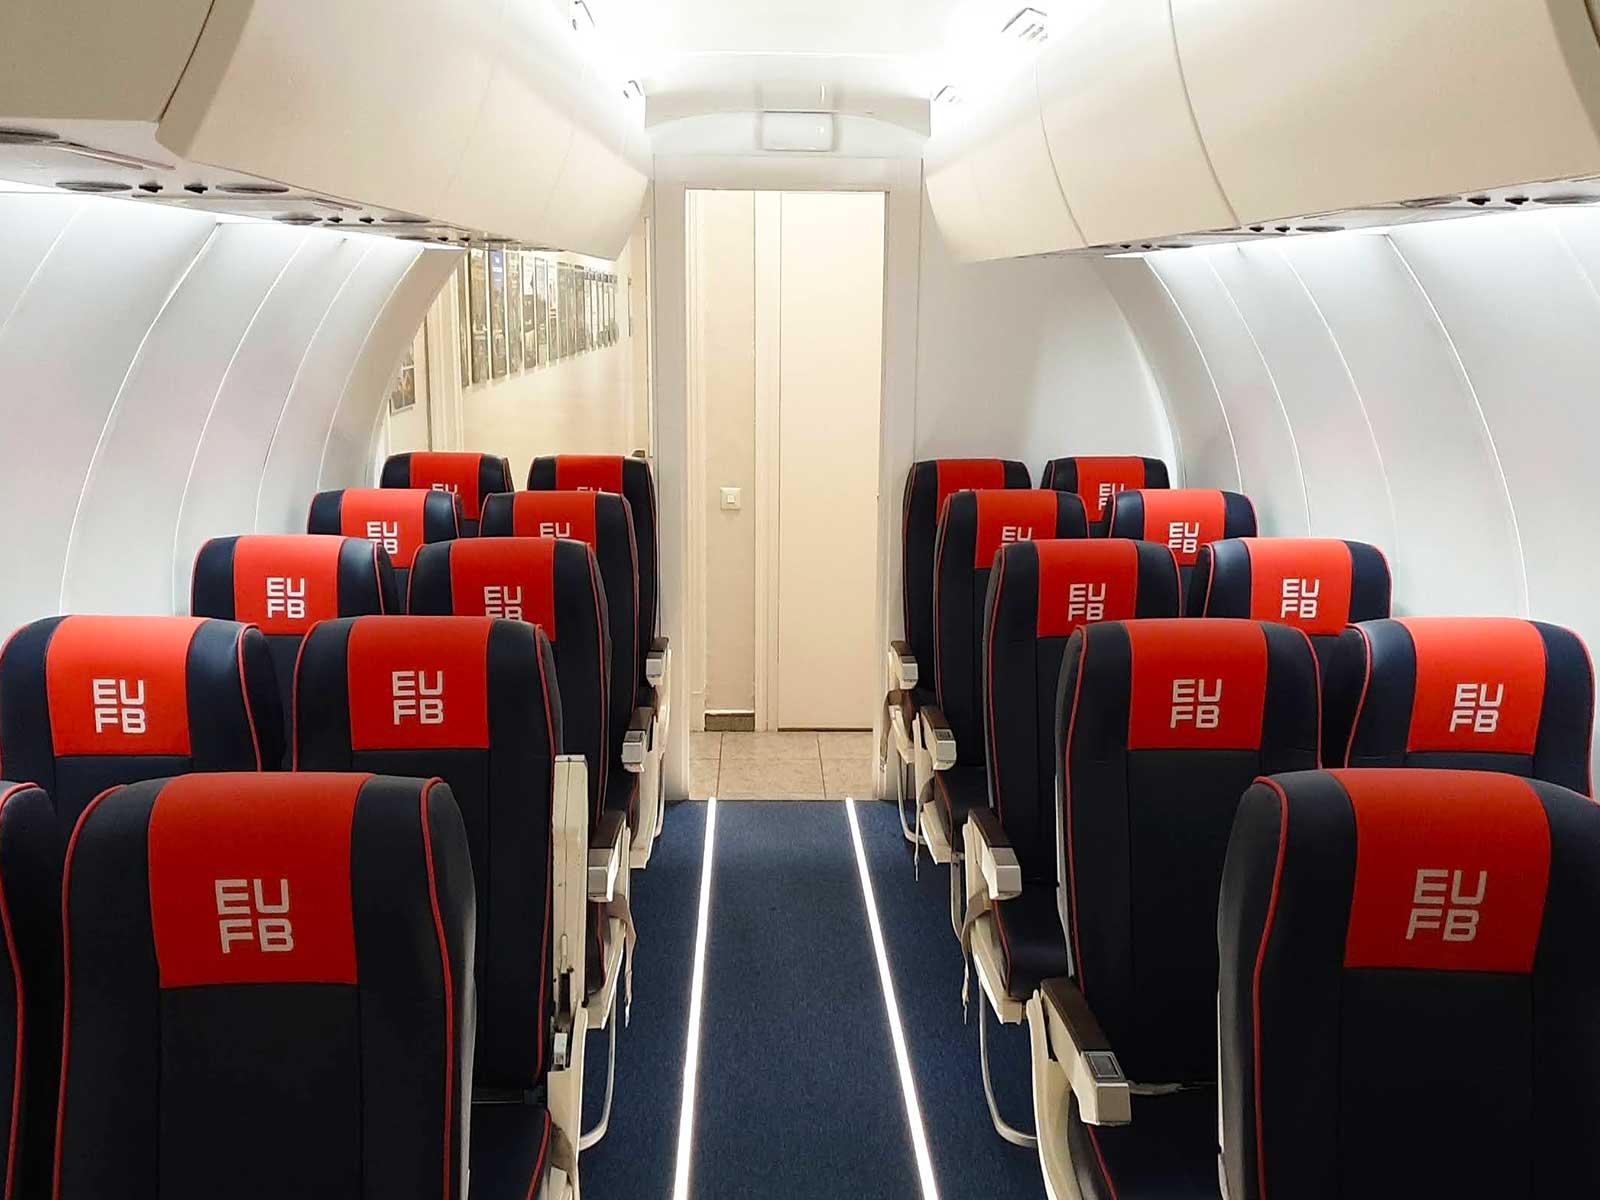 Requisits per ser tripulant de cabina de passatgers | Escola Universitària Formatic Barcelona